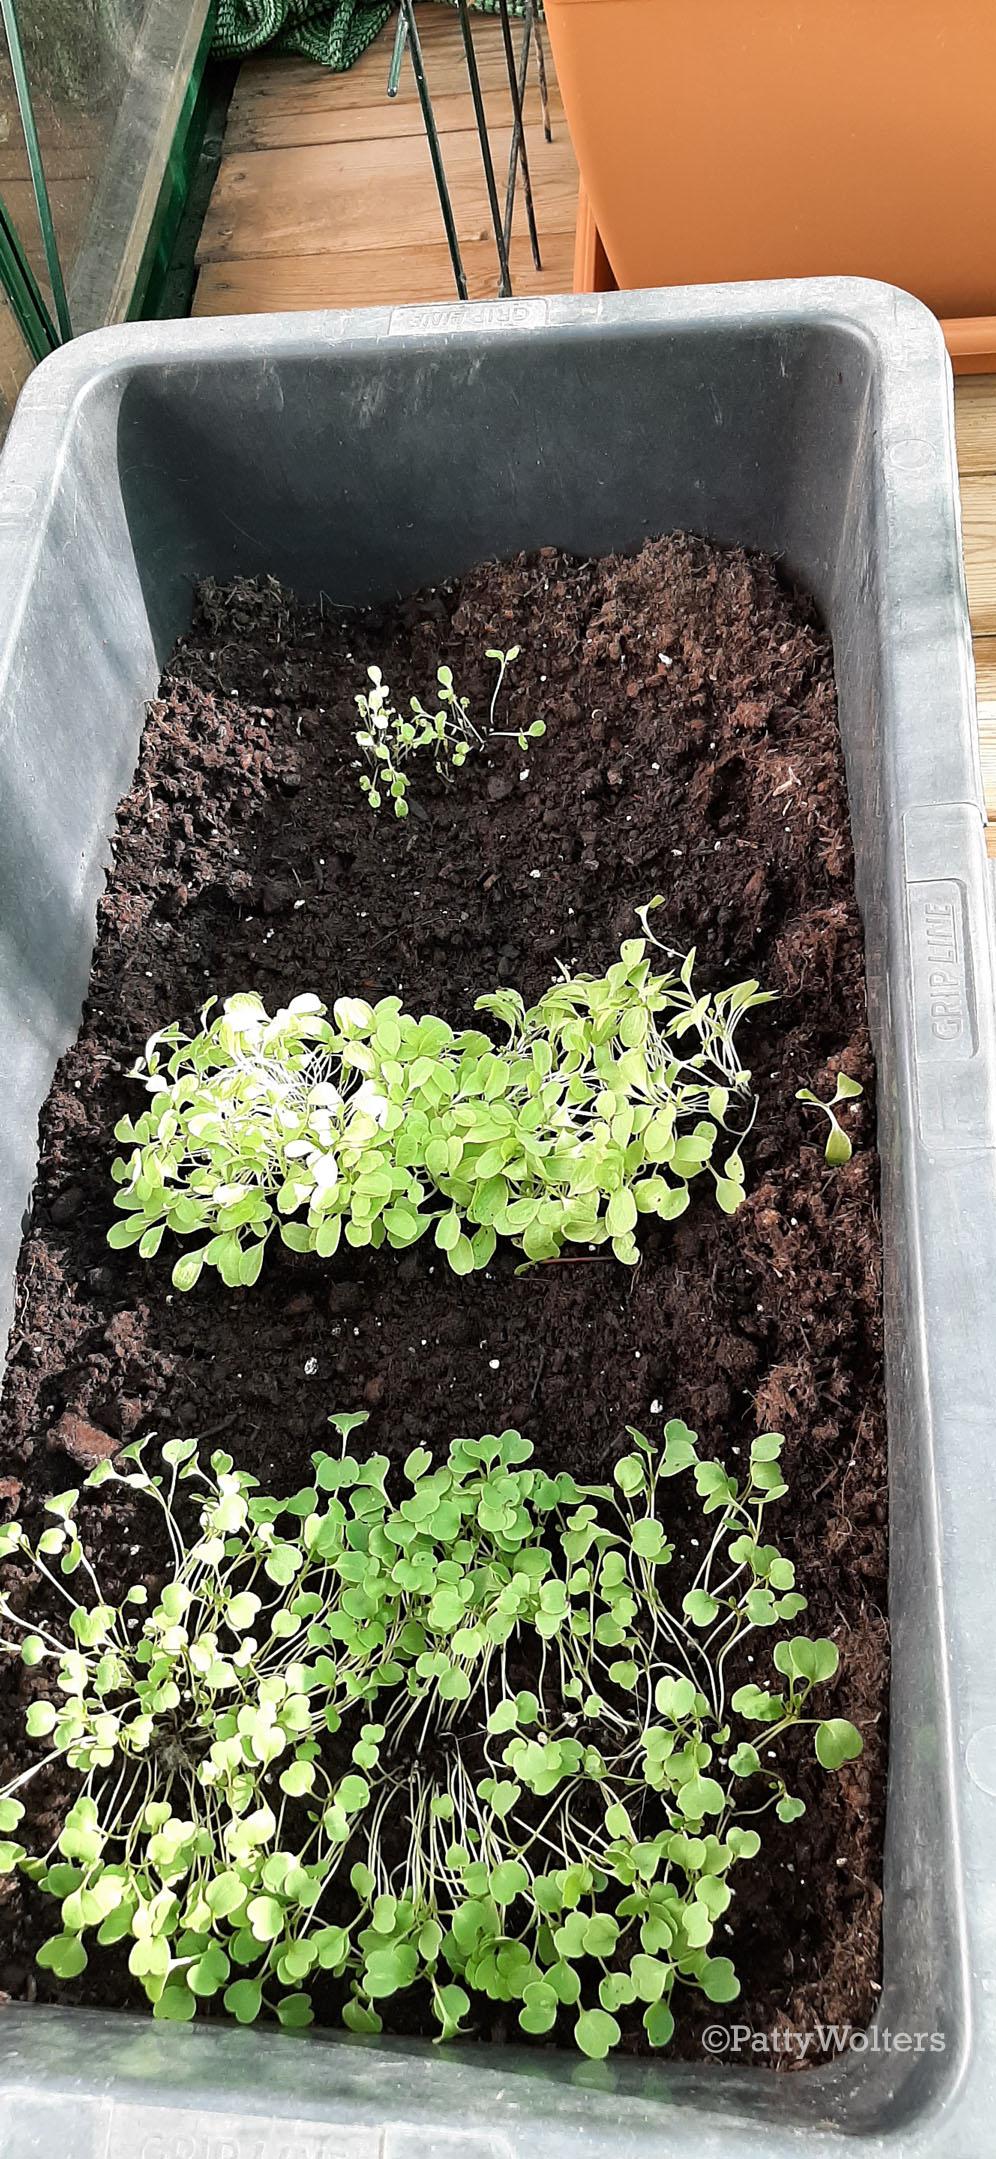 Lettuce variations 2021